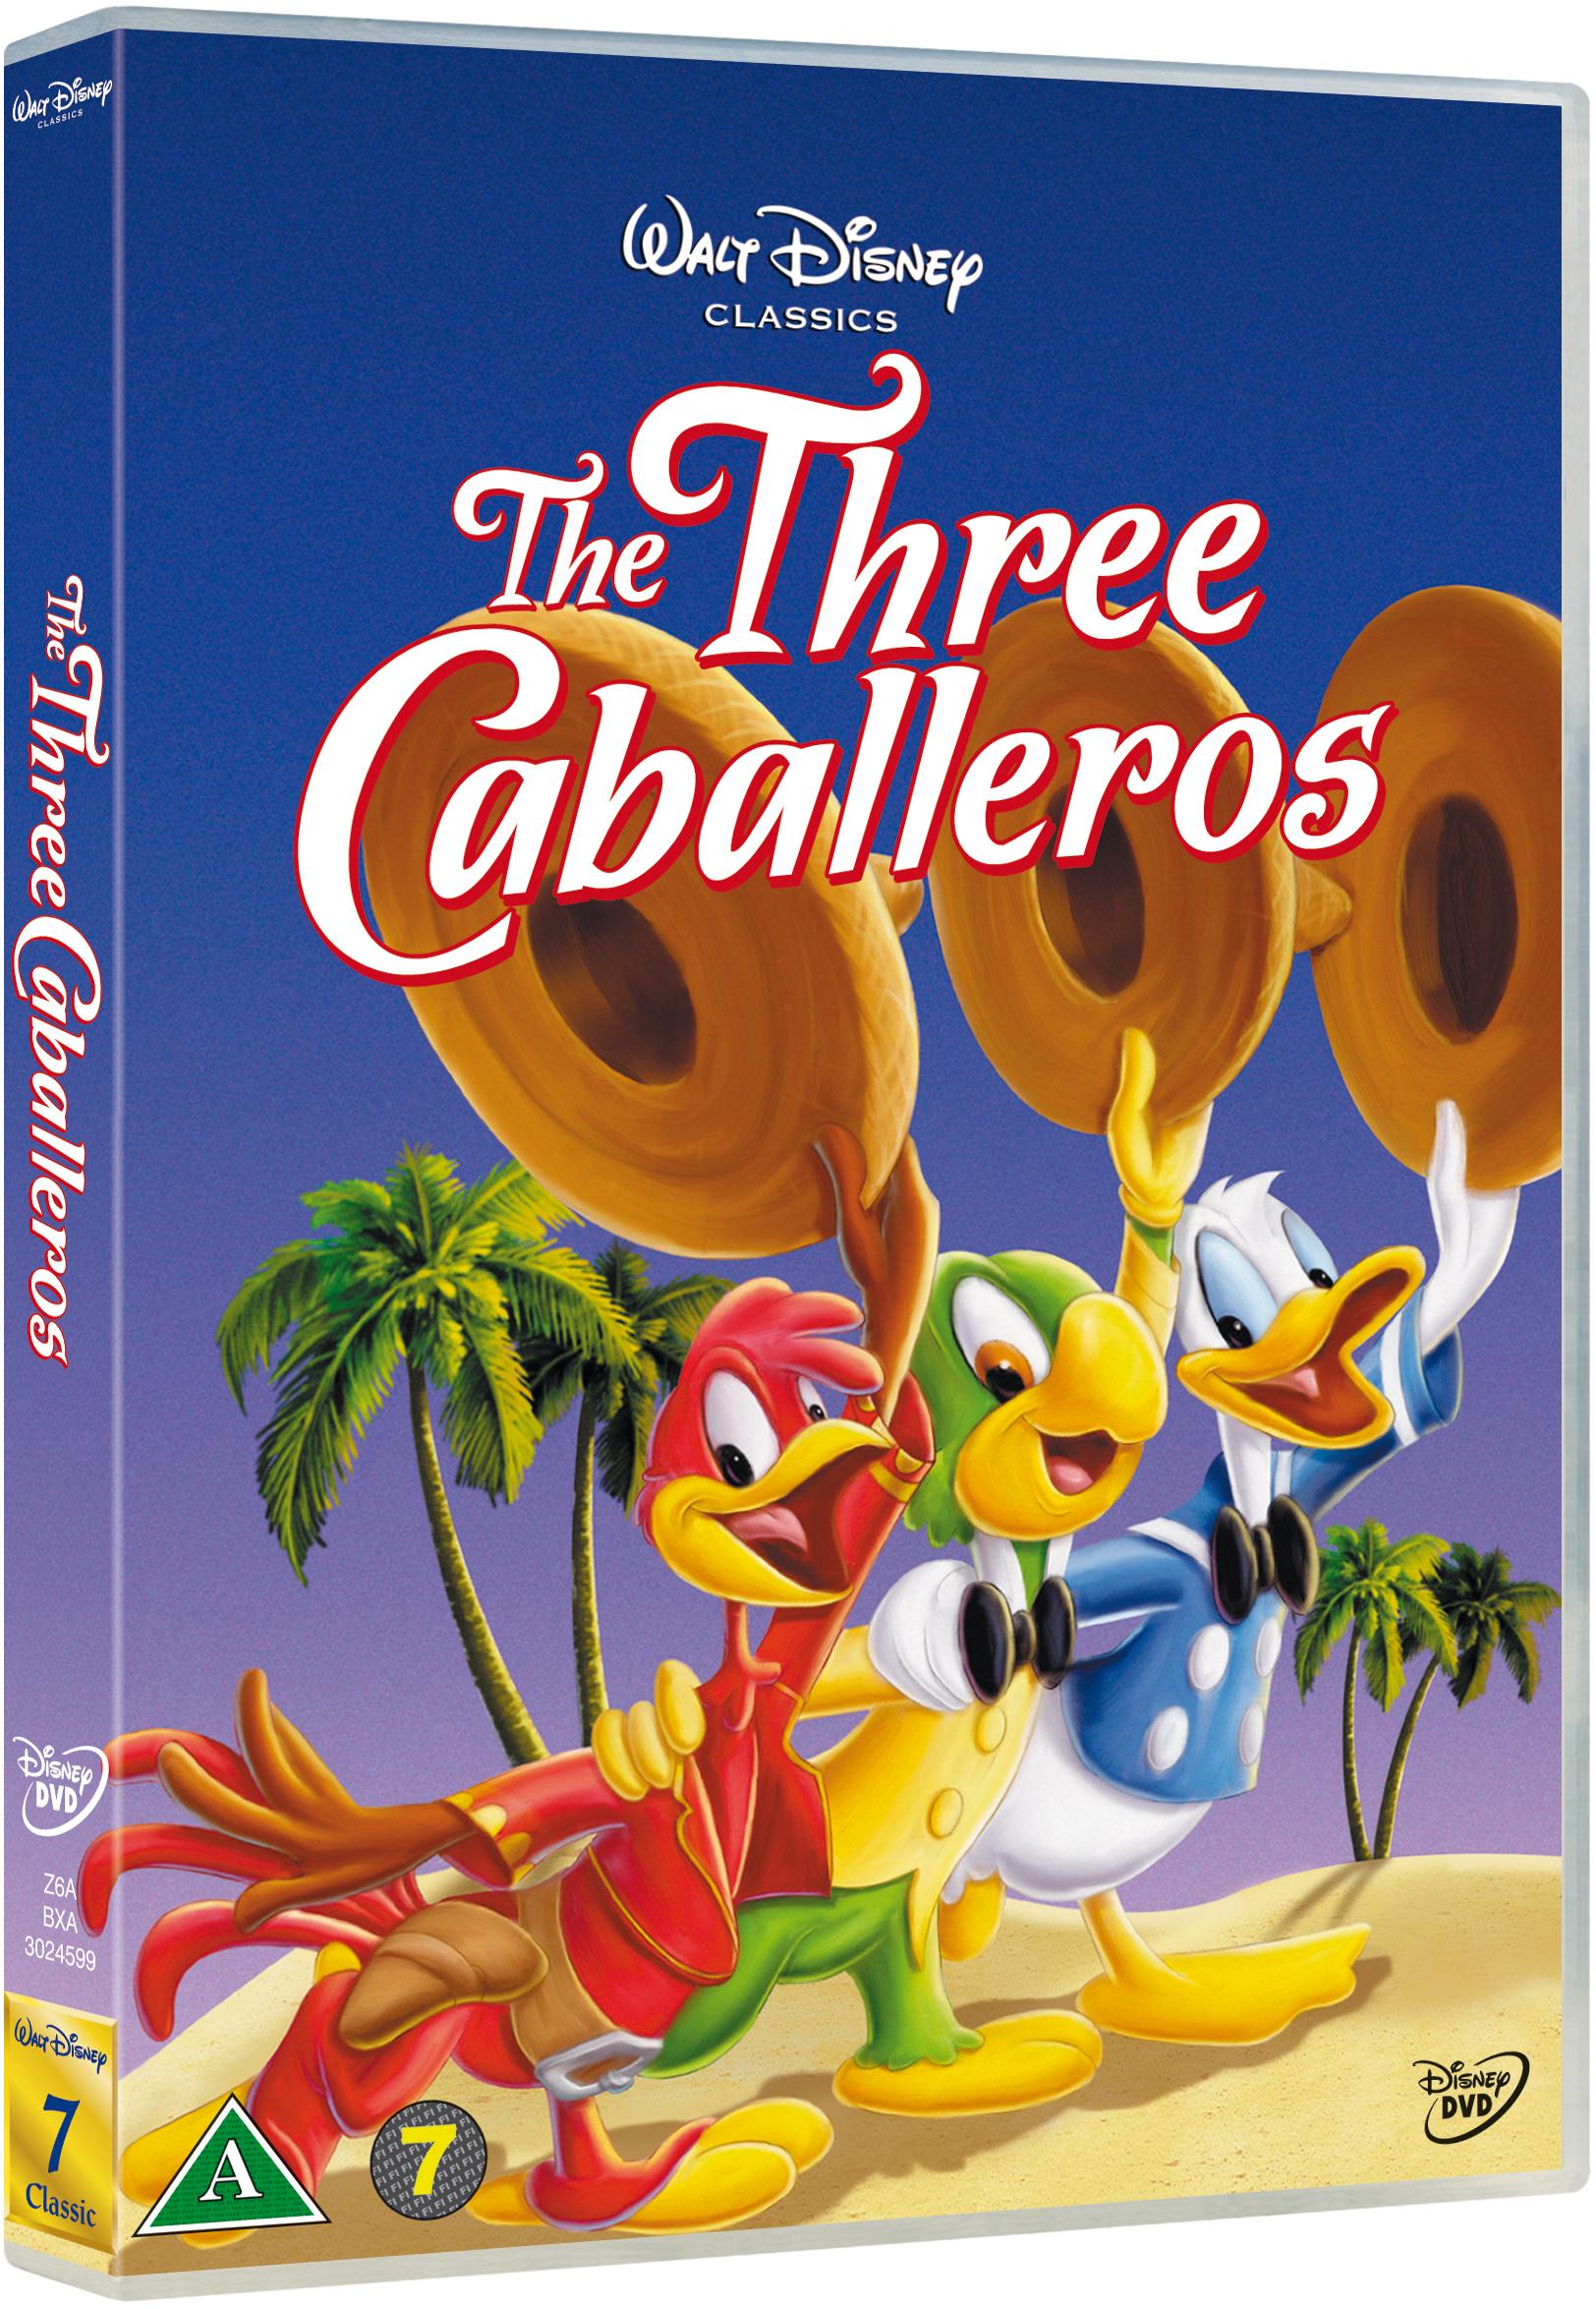 The Three Caballeros - Disney classic #7